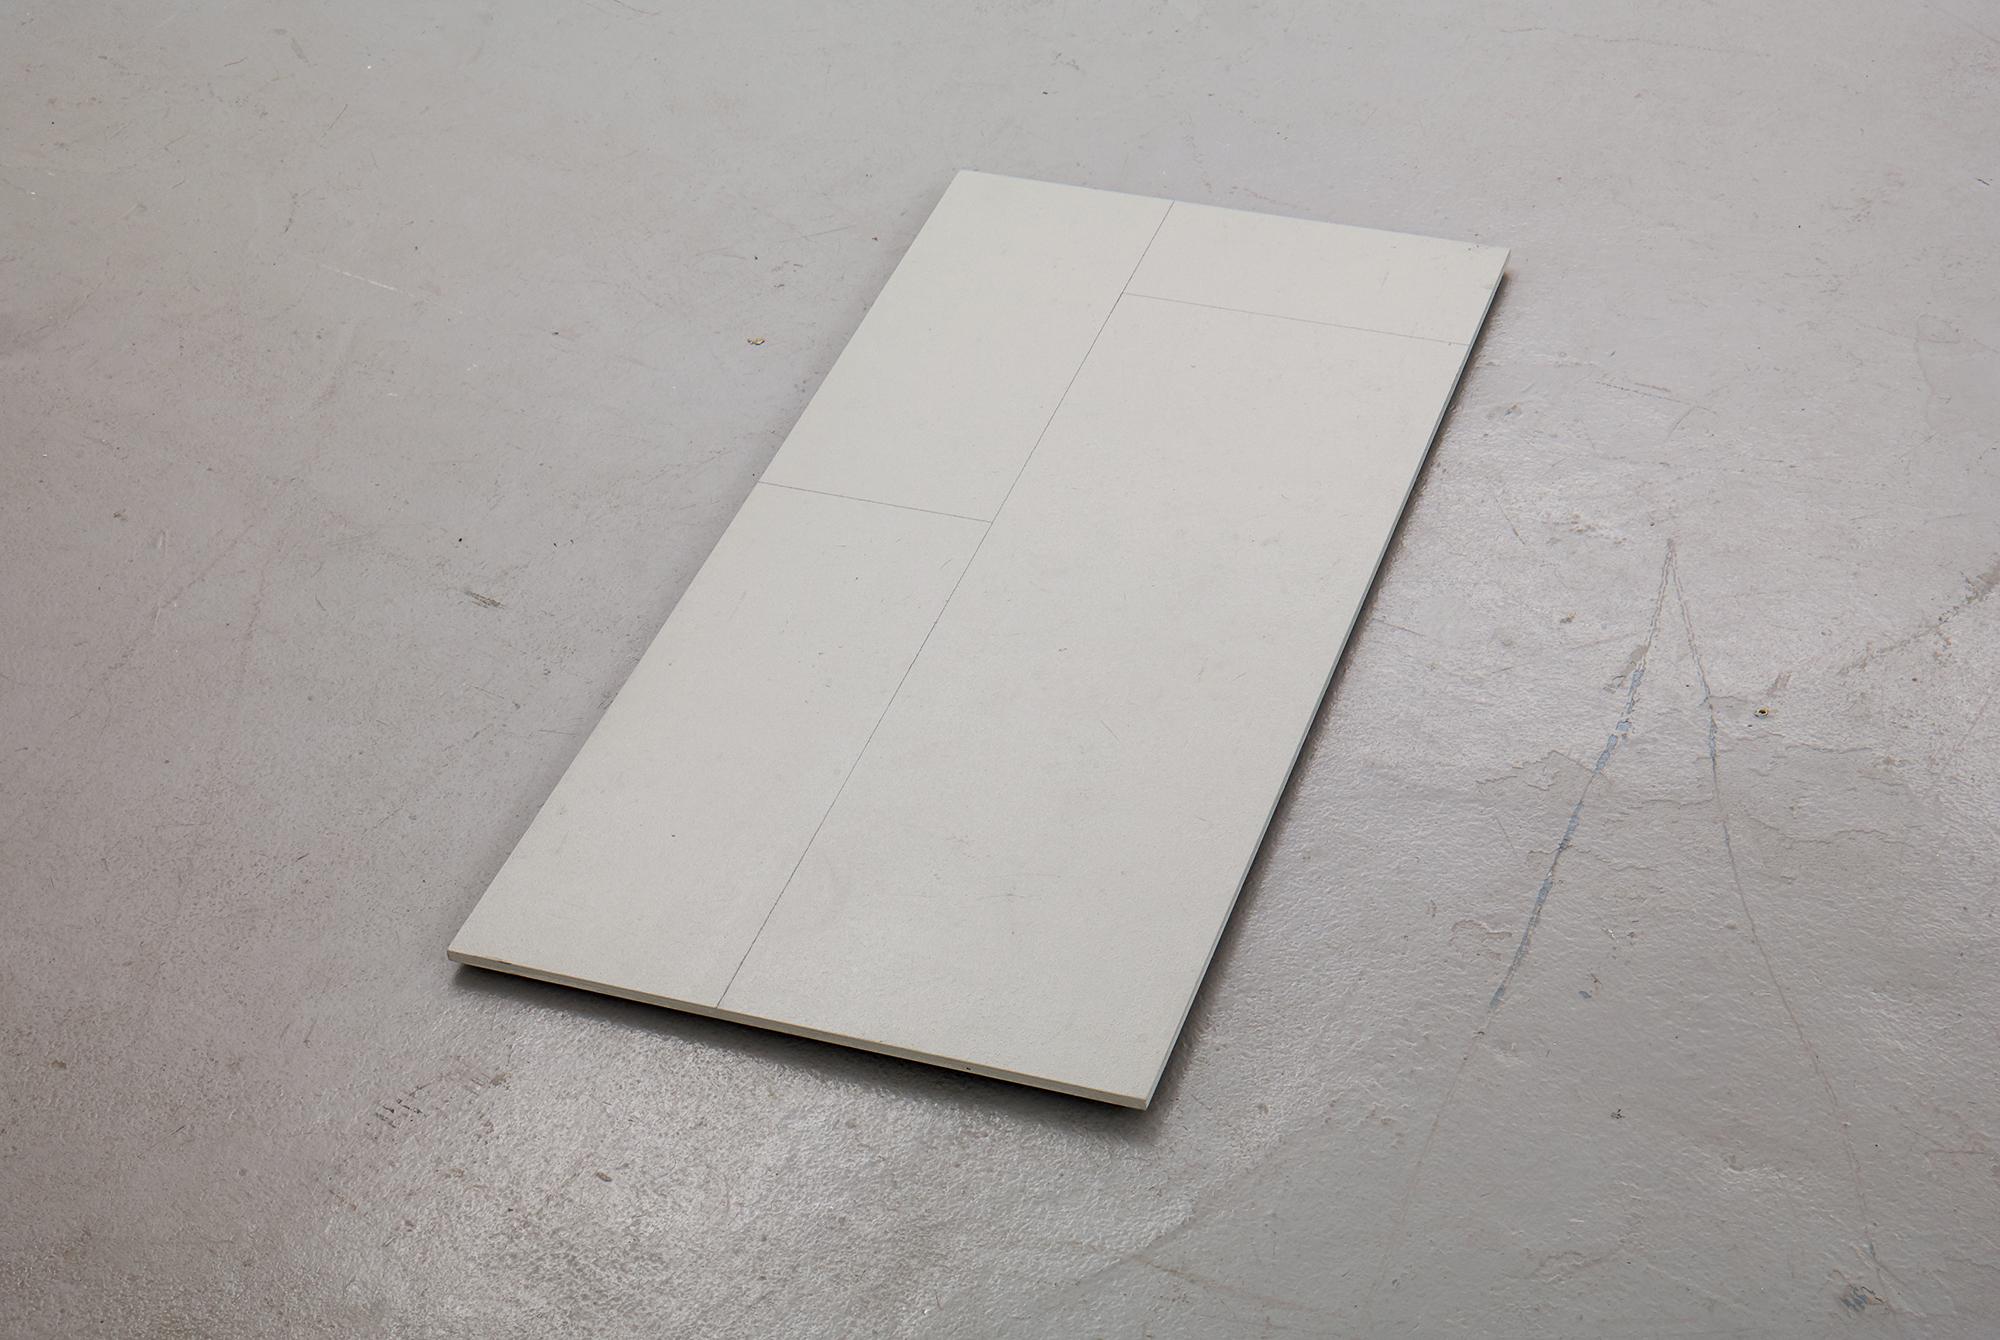 Fußboden Farbe ~ Wohnzimmer ideen zur gestaltung von fußboden wand